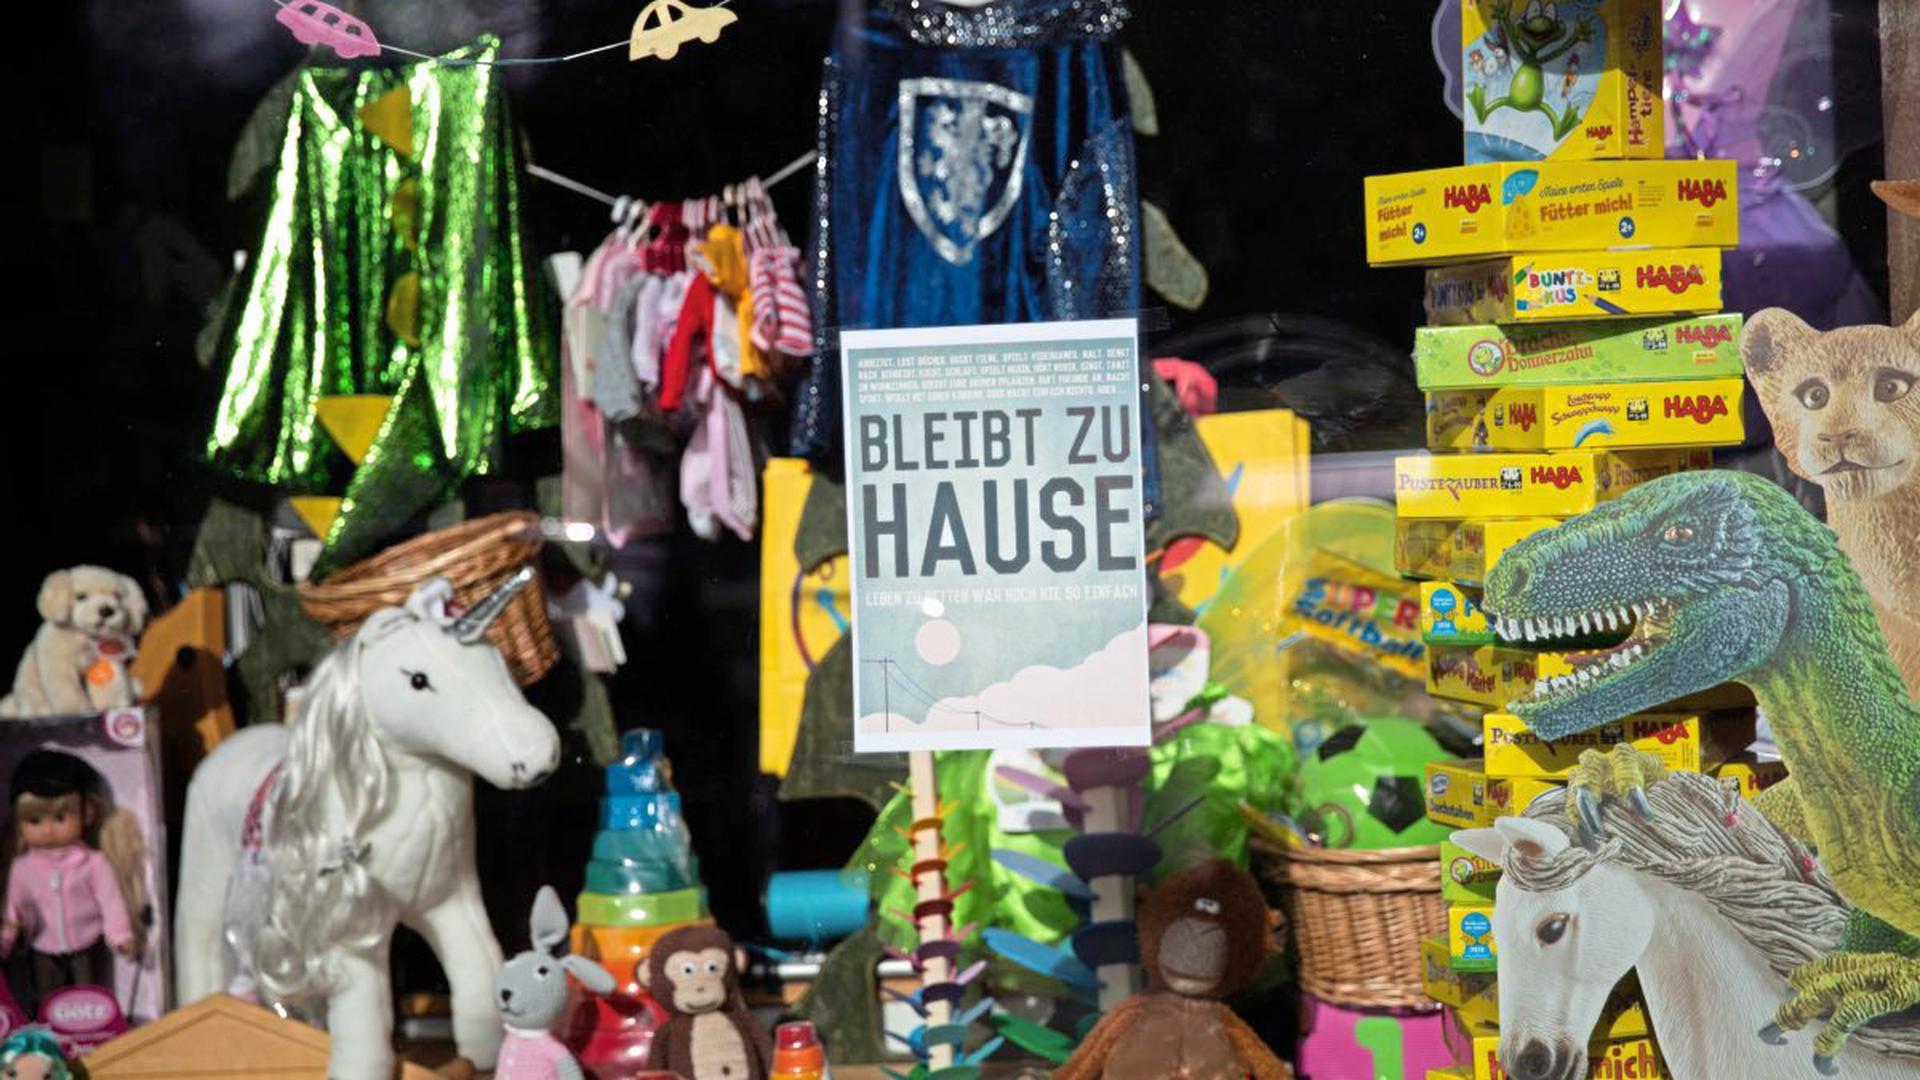 Spielwarenläden müssen wegen des Coronavirus geschlossen bleiben. Doch in anderen Geschäften wird Spielzeug verkauft.